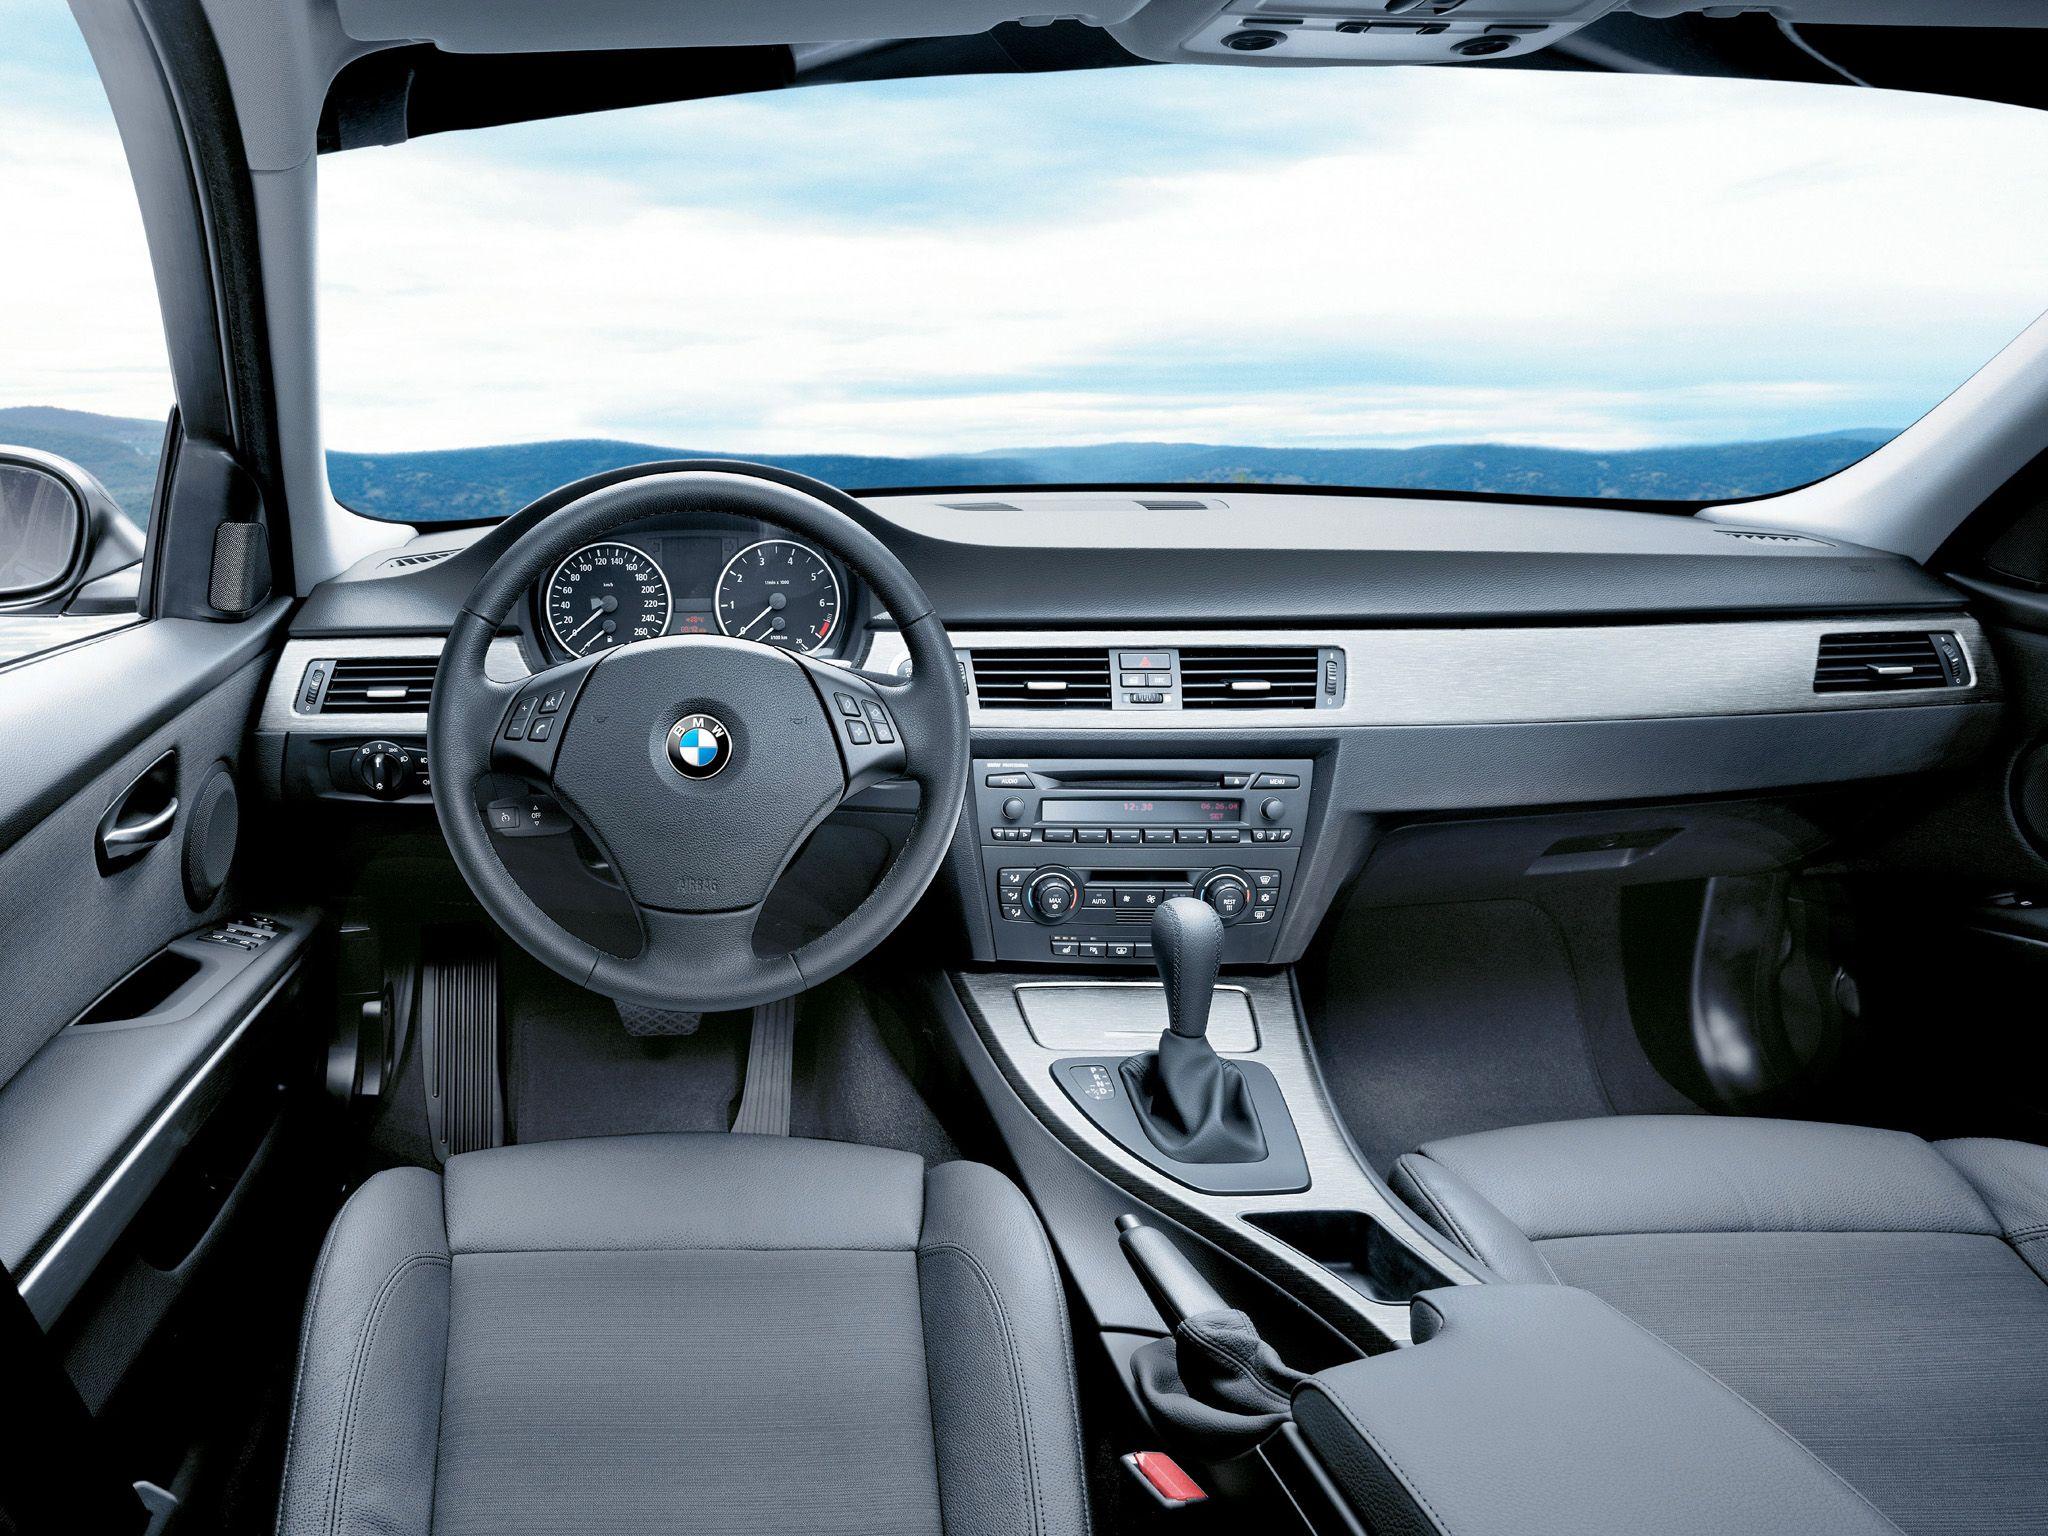 Verwonderlijk E90 BMW 330i dashboard - very sober lay-out #FieldsBMW #FieldsAuto VD-09